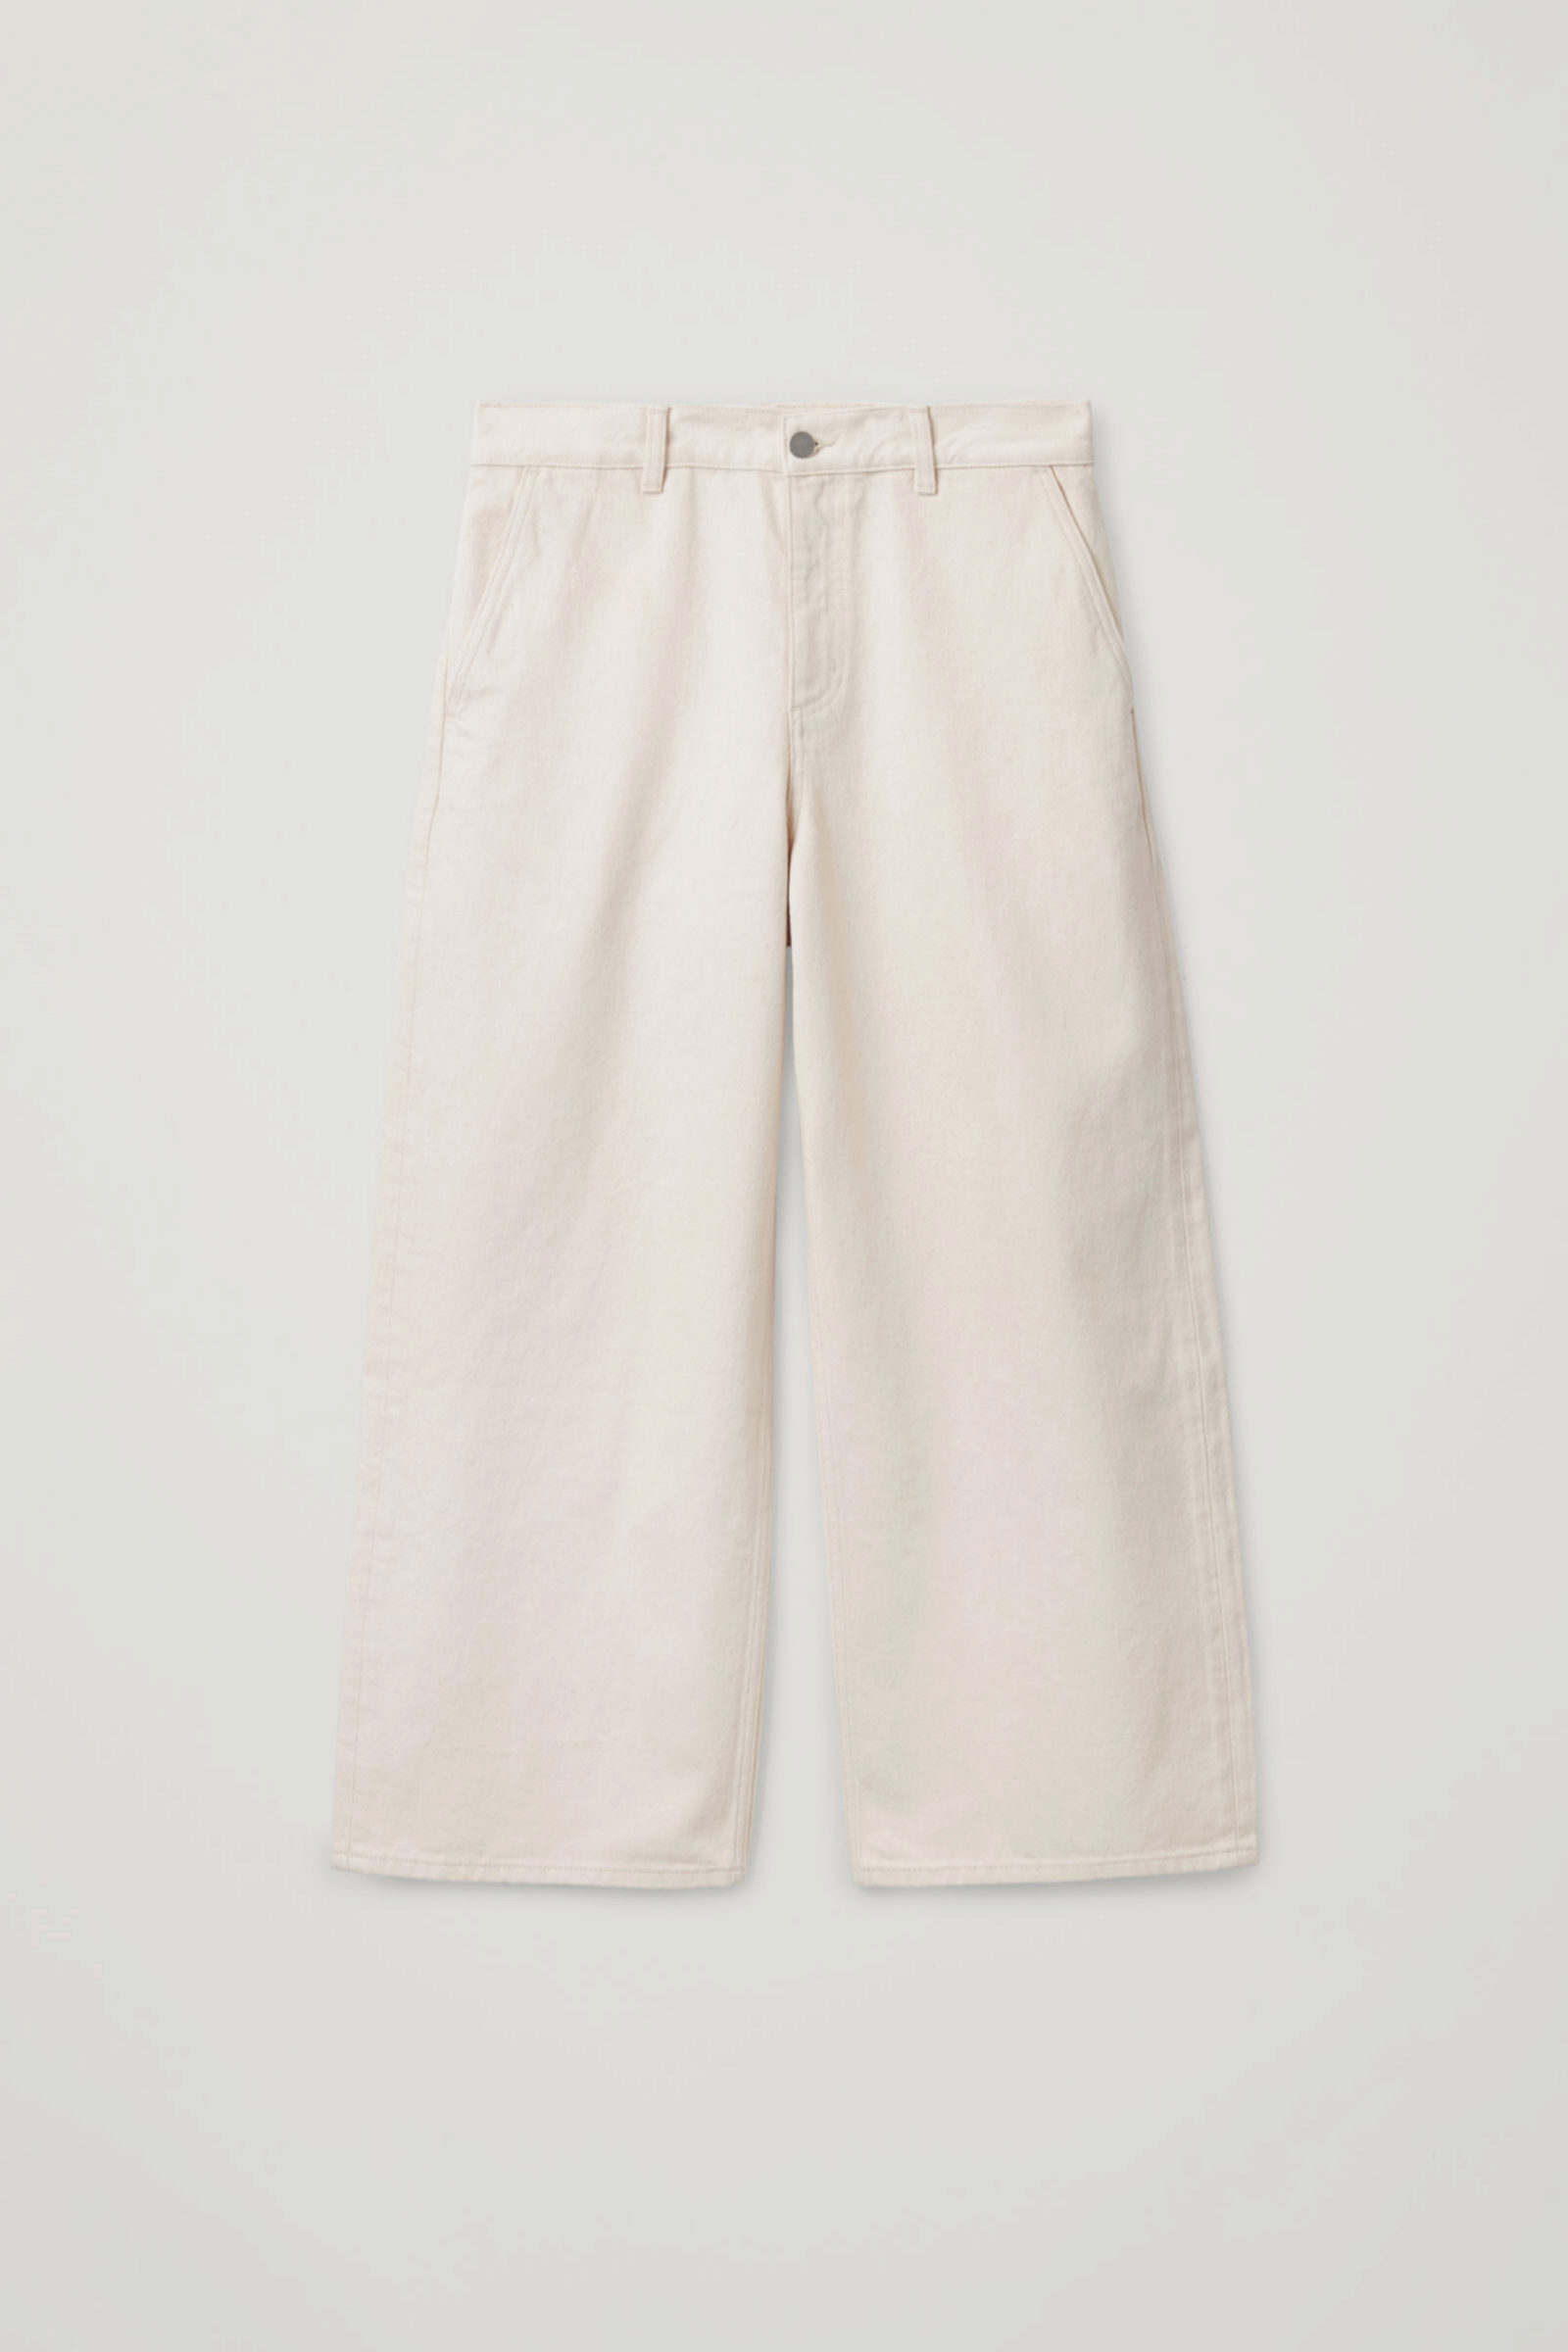 Jeans de corte culotte en blanco de COS